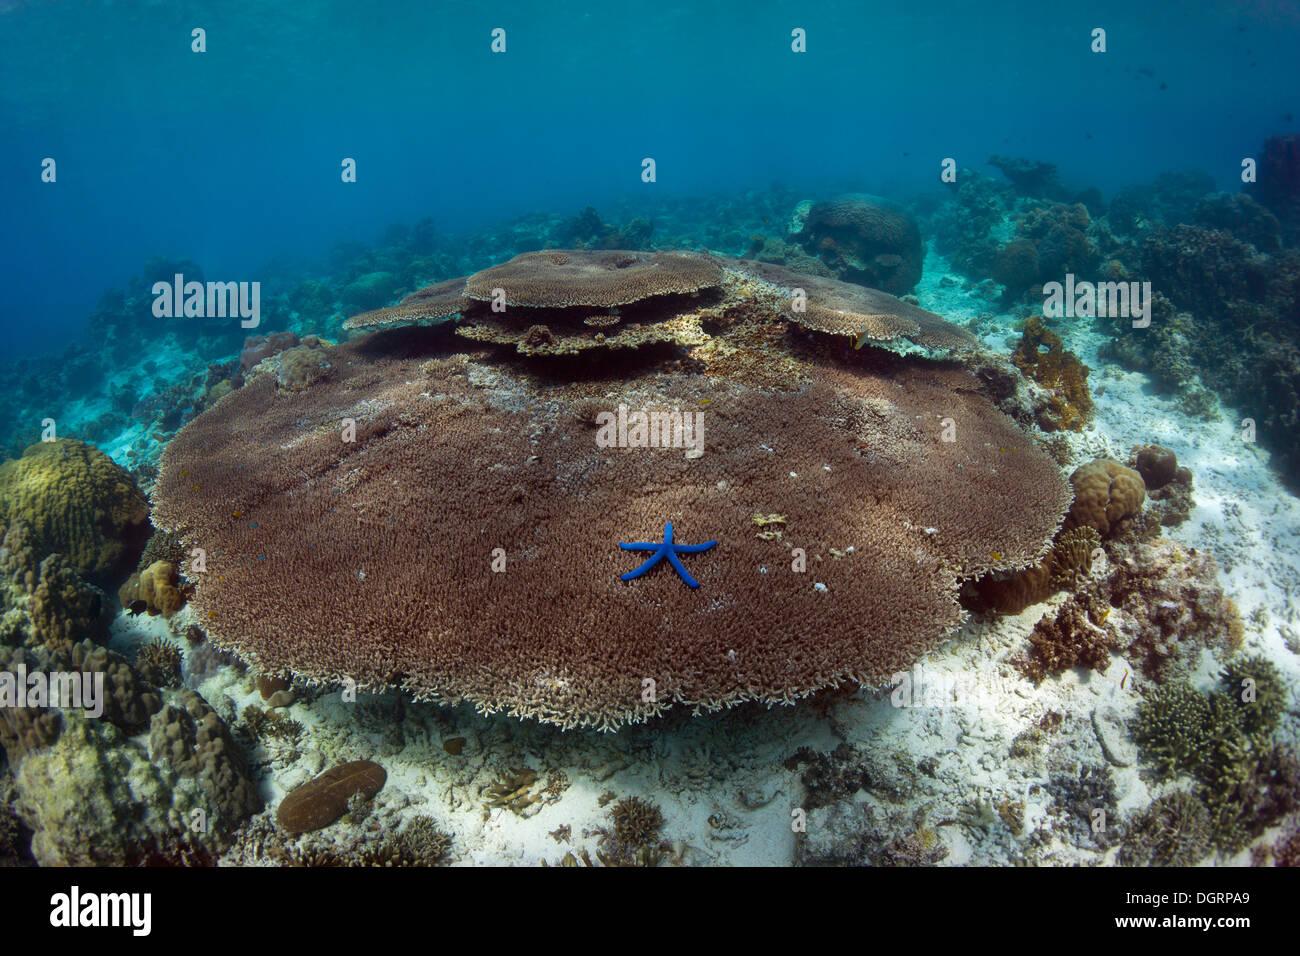 Les récifs coralliens intacts avec plaque de corail, Busuanga, Grande Barrière de Corail, Philippines Photo Stock